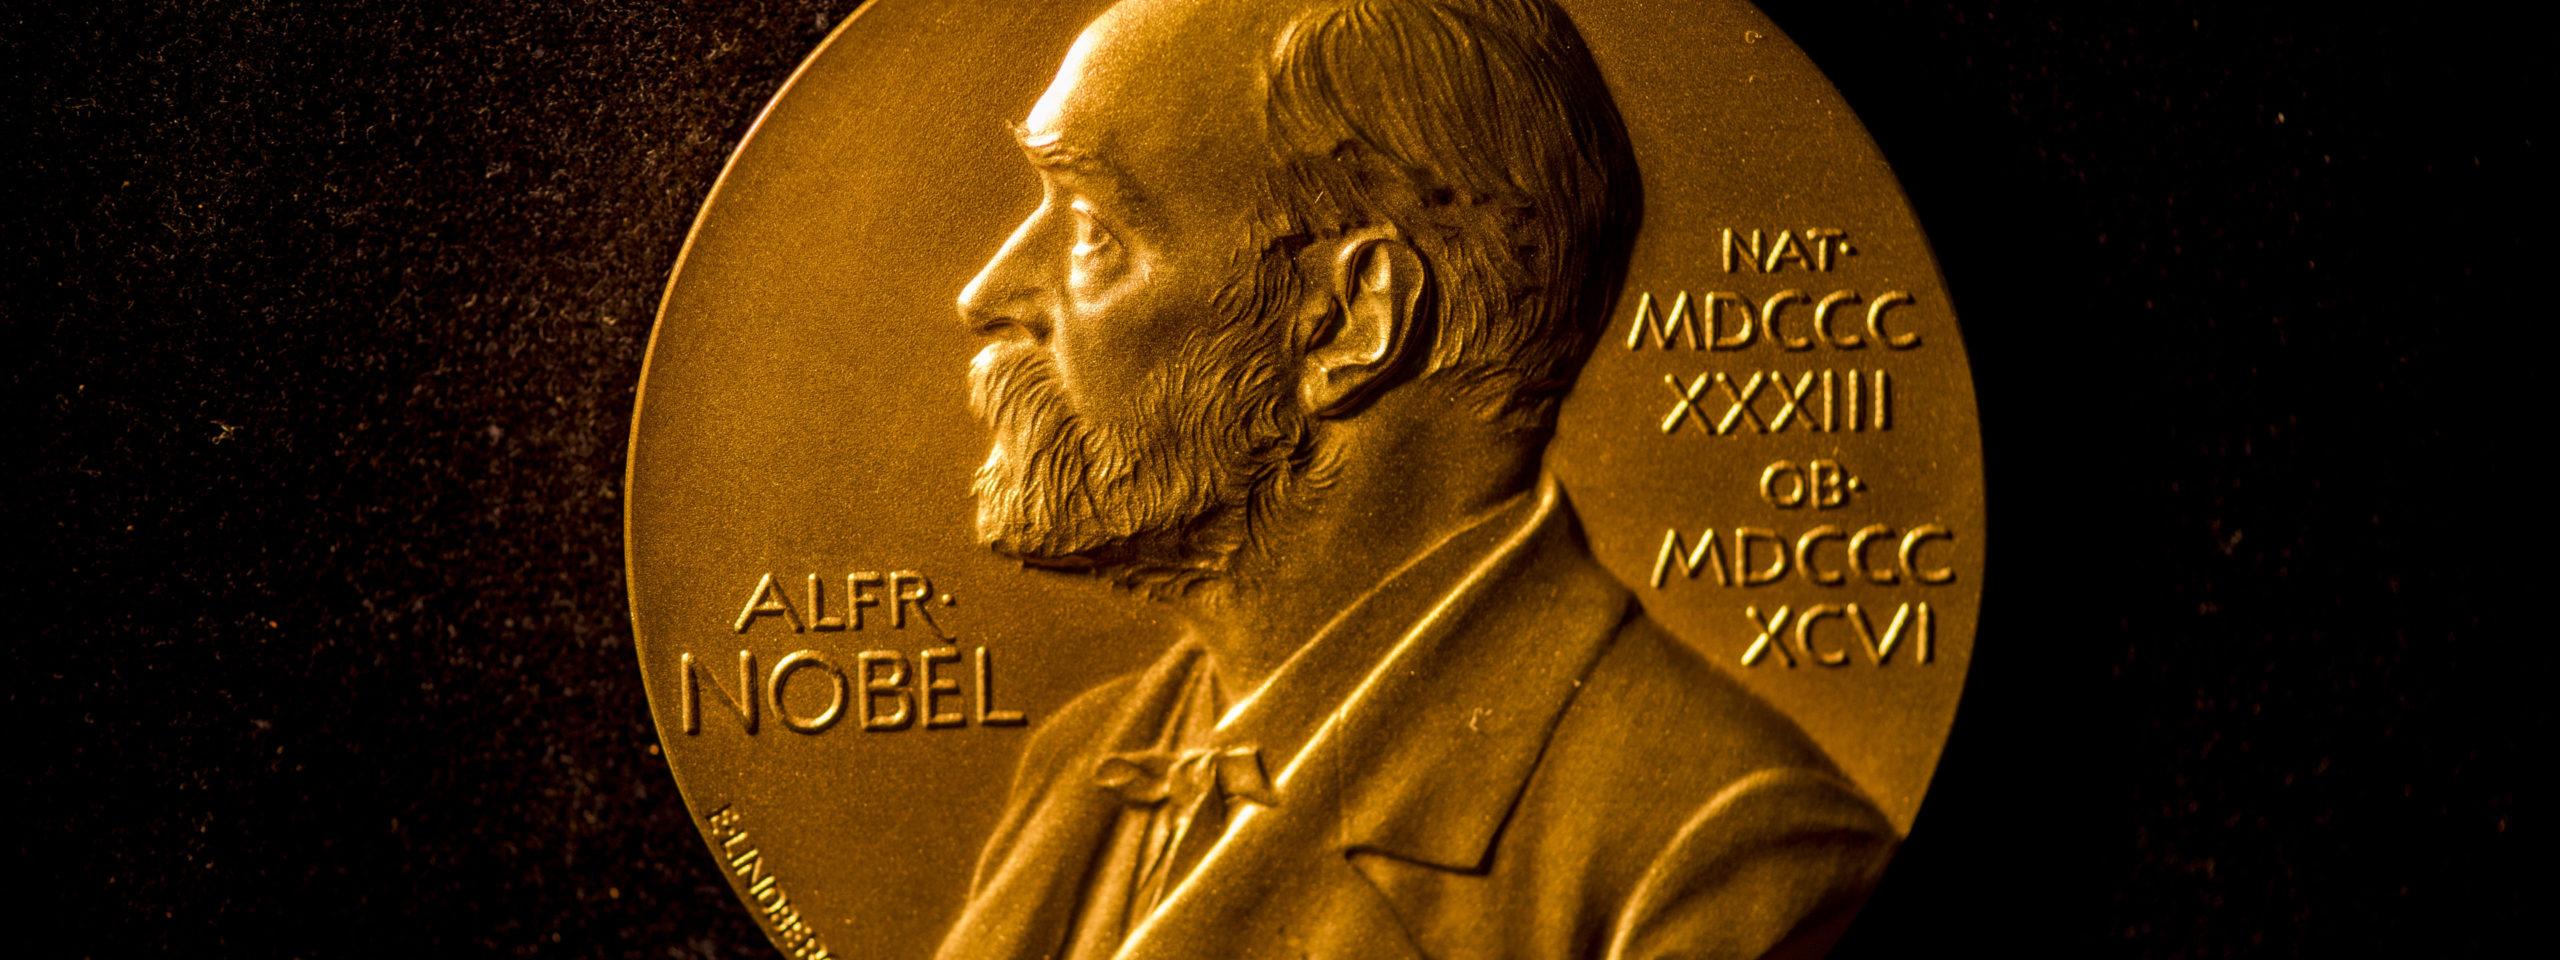 Нобелевский комитет объявил всех лауреатов-2020. Рассказываем, кто и за что получил больше миллиона долларов